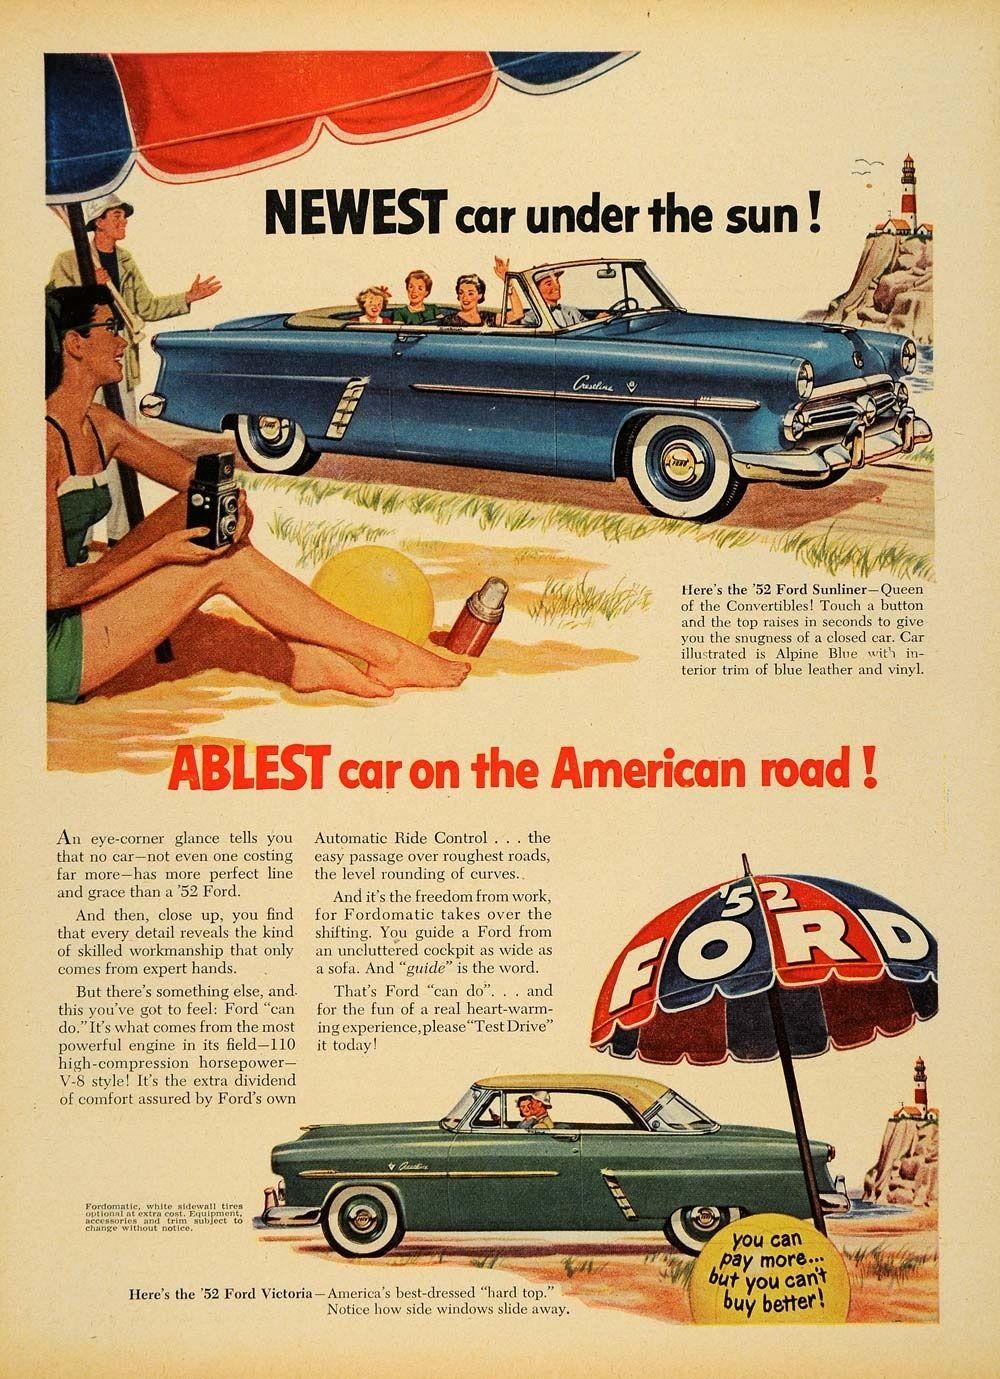 1952 Ford Crestline Sunliner 2-Door Convertible & 1952 Ford Crestline Victoria 2-Door Hardtop